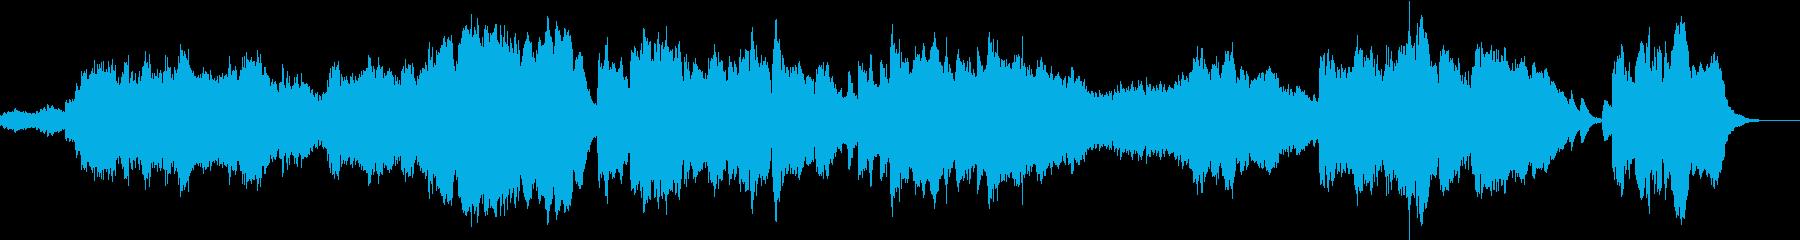 穏やかなクラリネットメインの木管四重奏の再生済みの波形